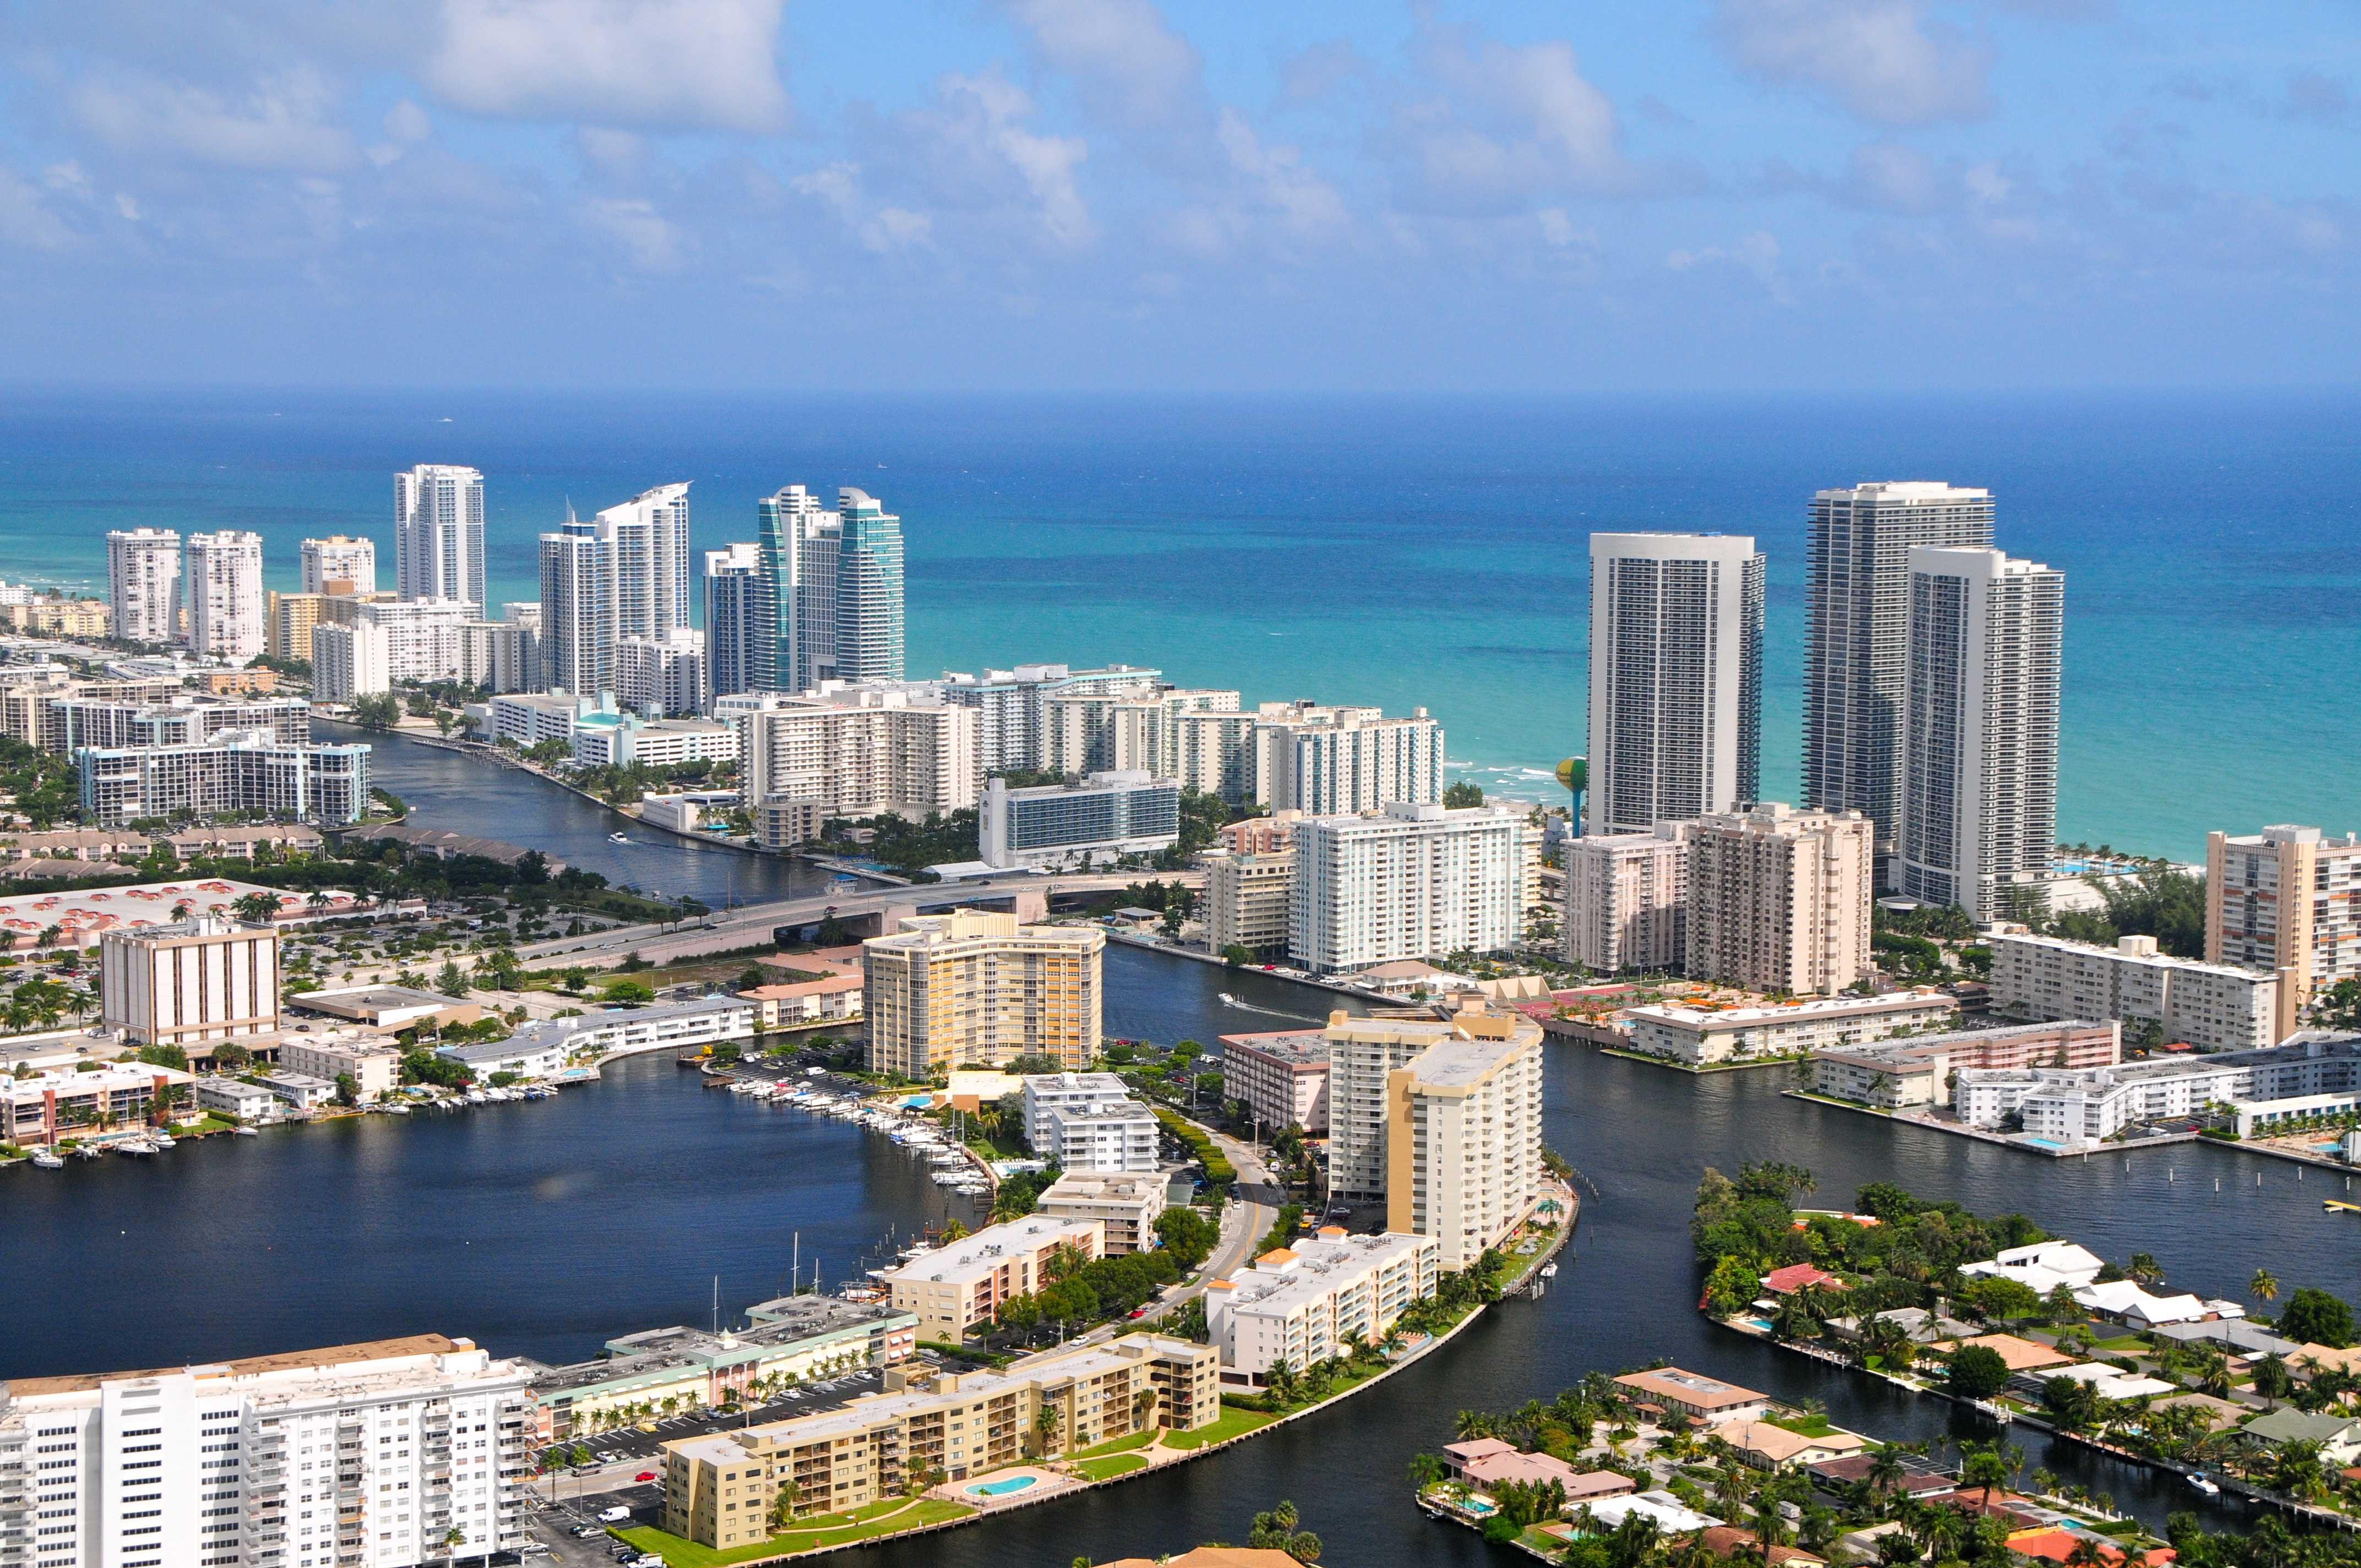 O Melhor da Flórida - Saindo de Miami e Fort Lauderdale